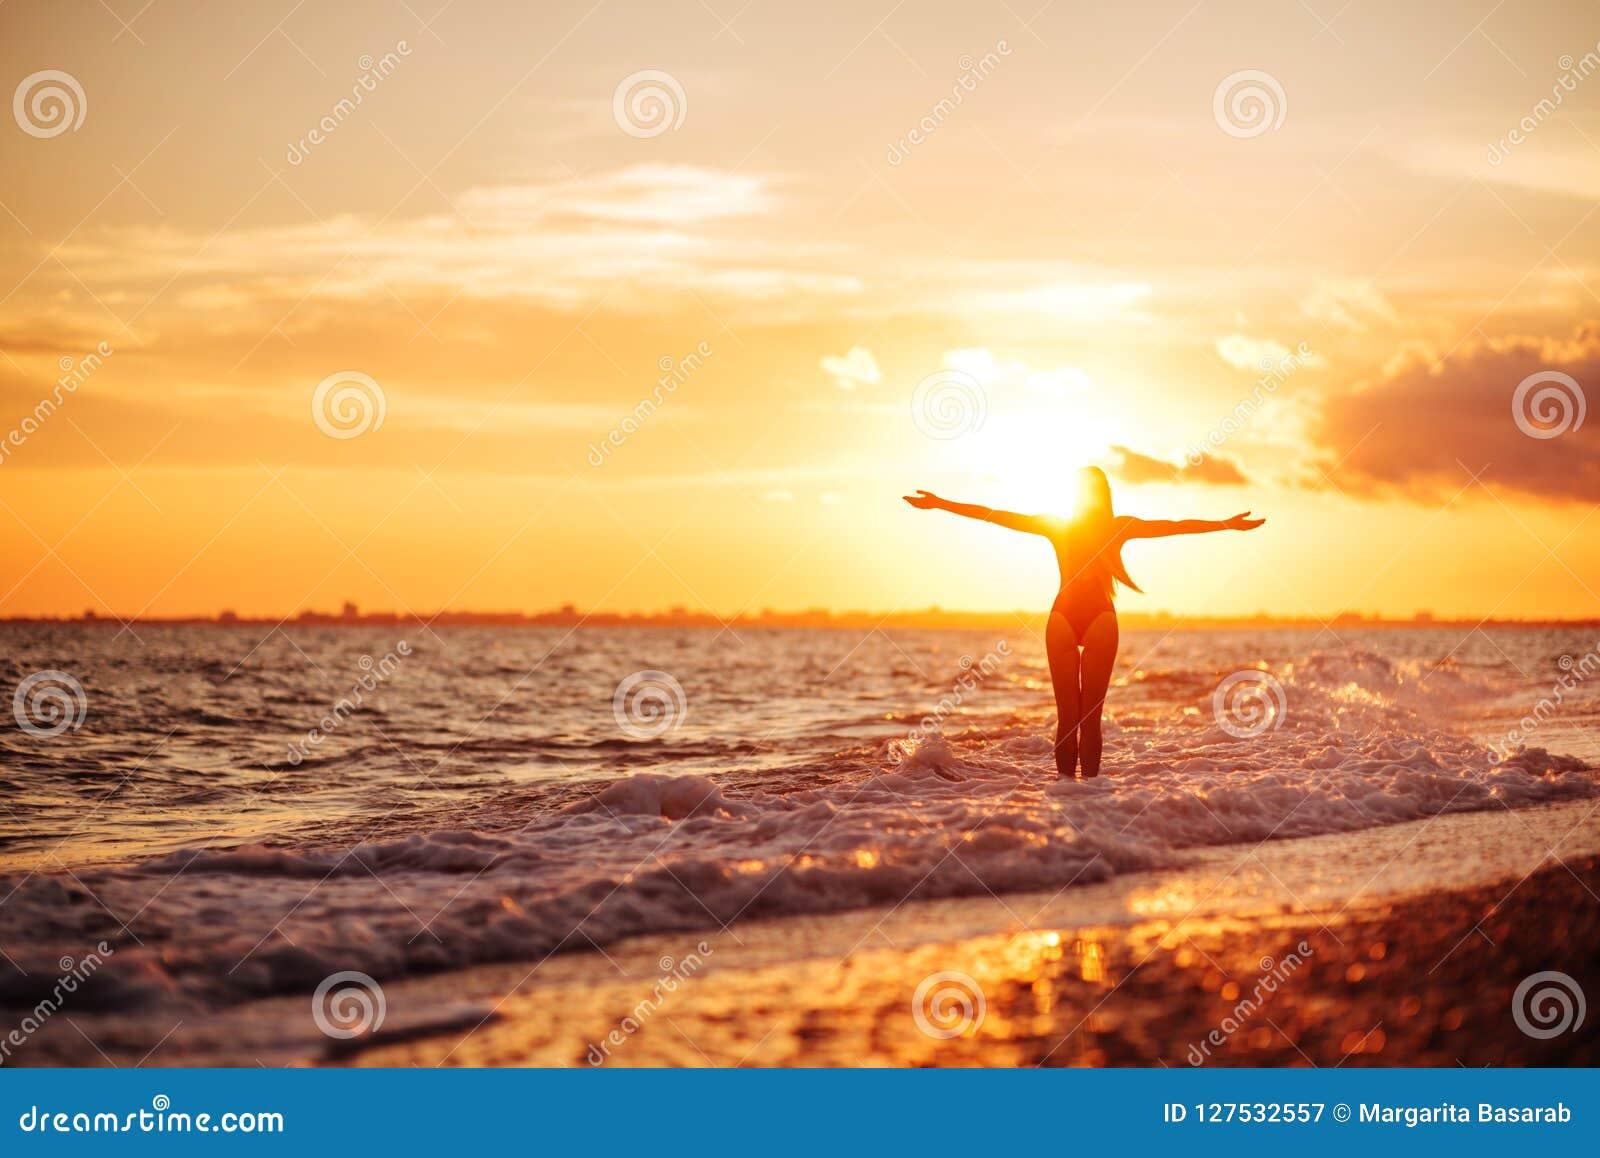 Onbezorgde vrouw die in de zonsondergang op het strand danst vakantie vitaliteit gezond het leven concept